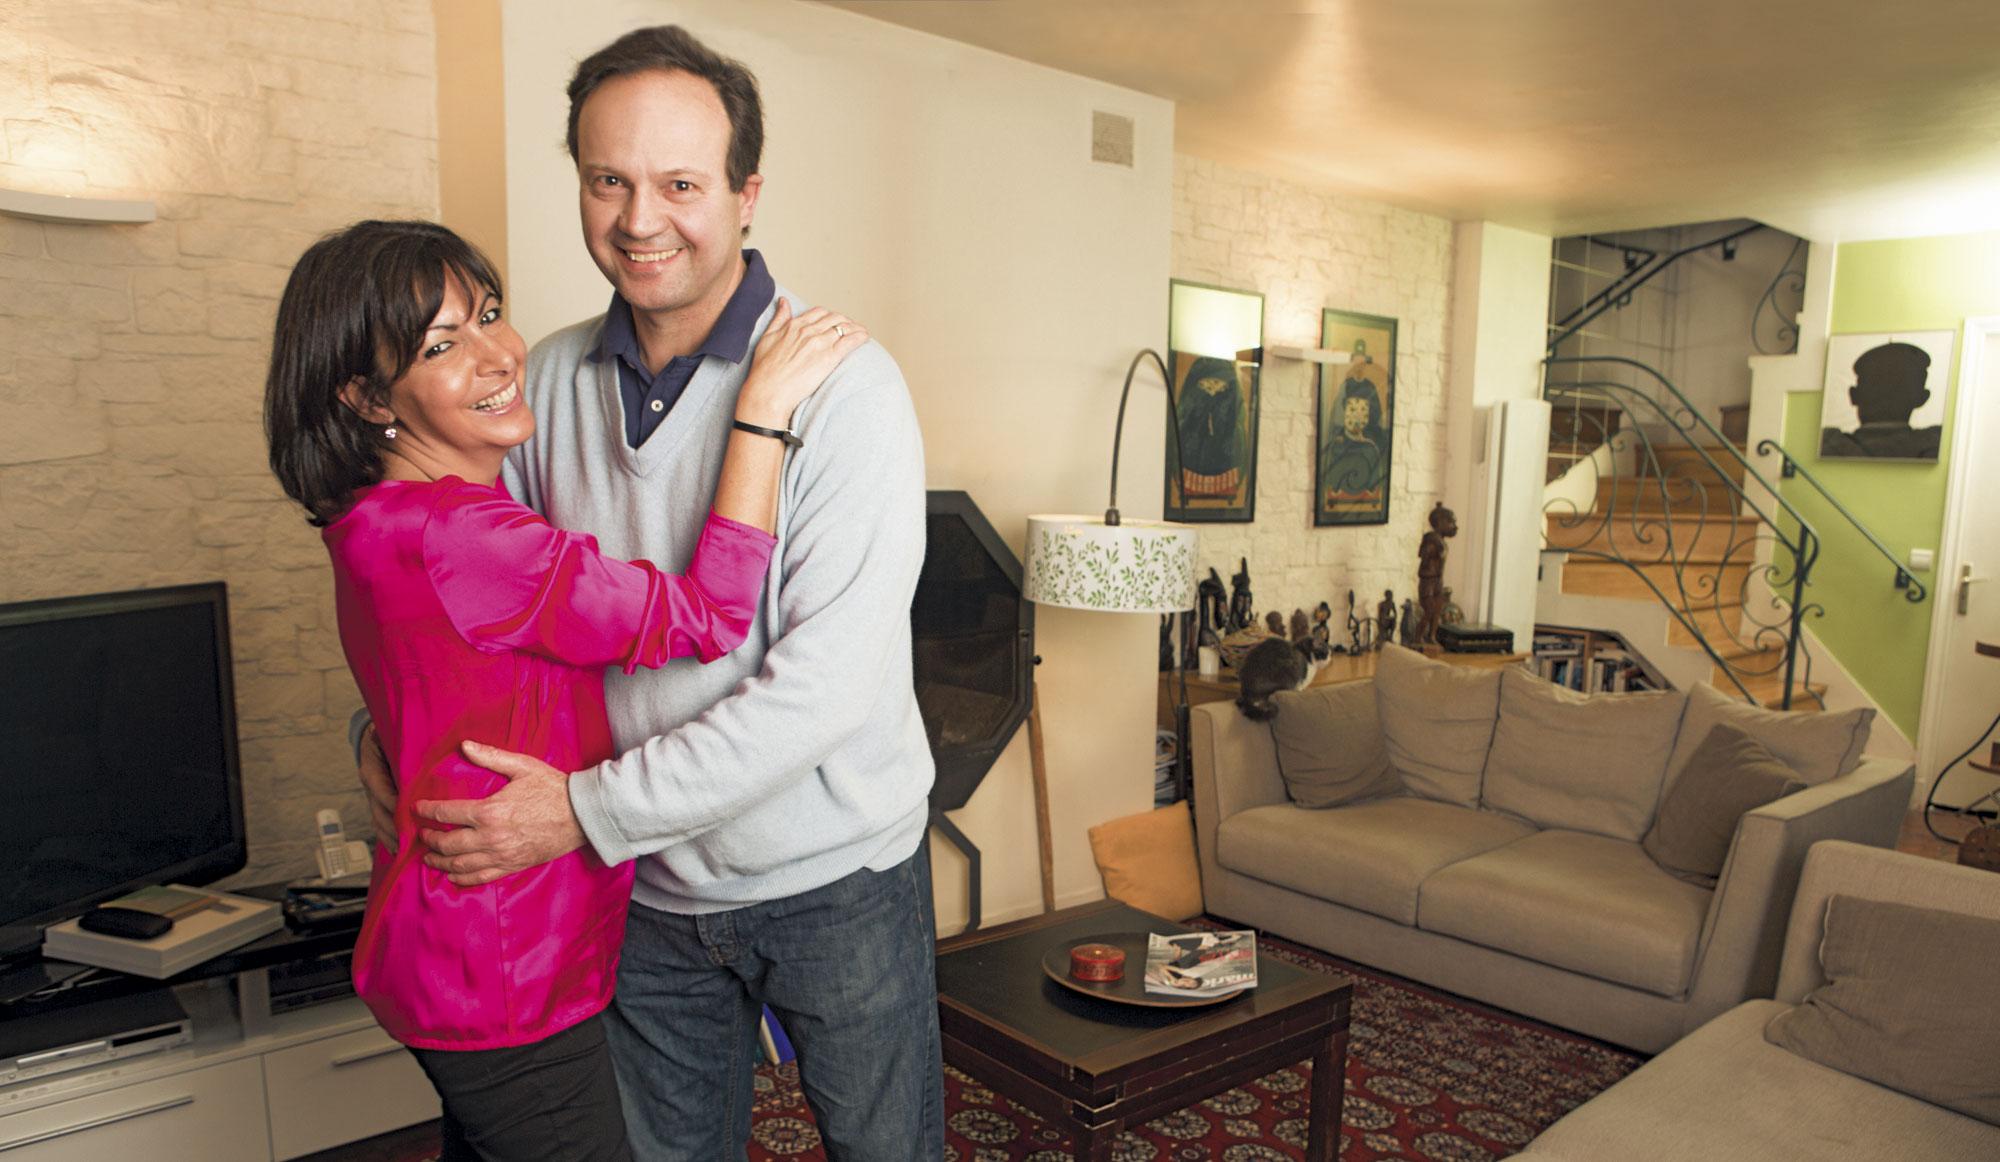 paris anne hidalgo nous prend elle pour des gogos infos 75. Black Bedroom Furniture Sets. Home Design Ideas